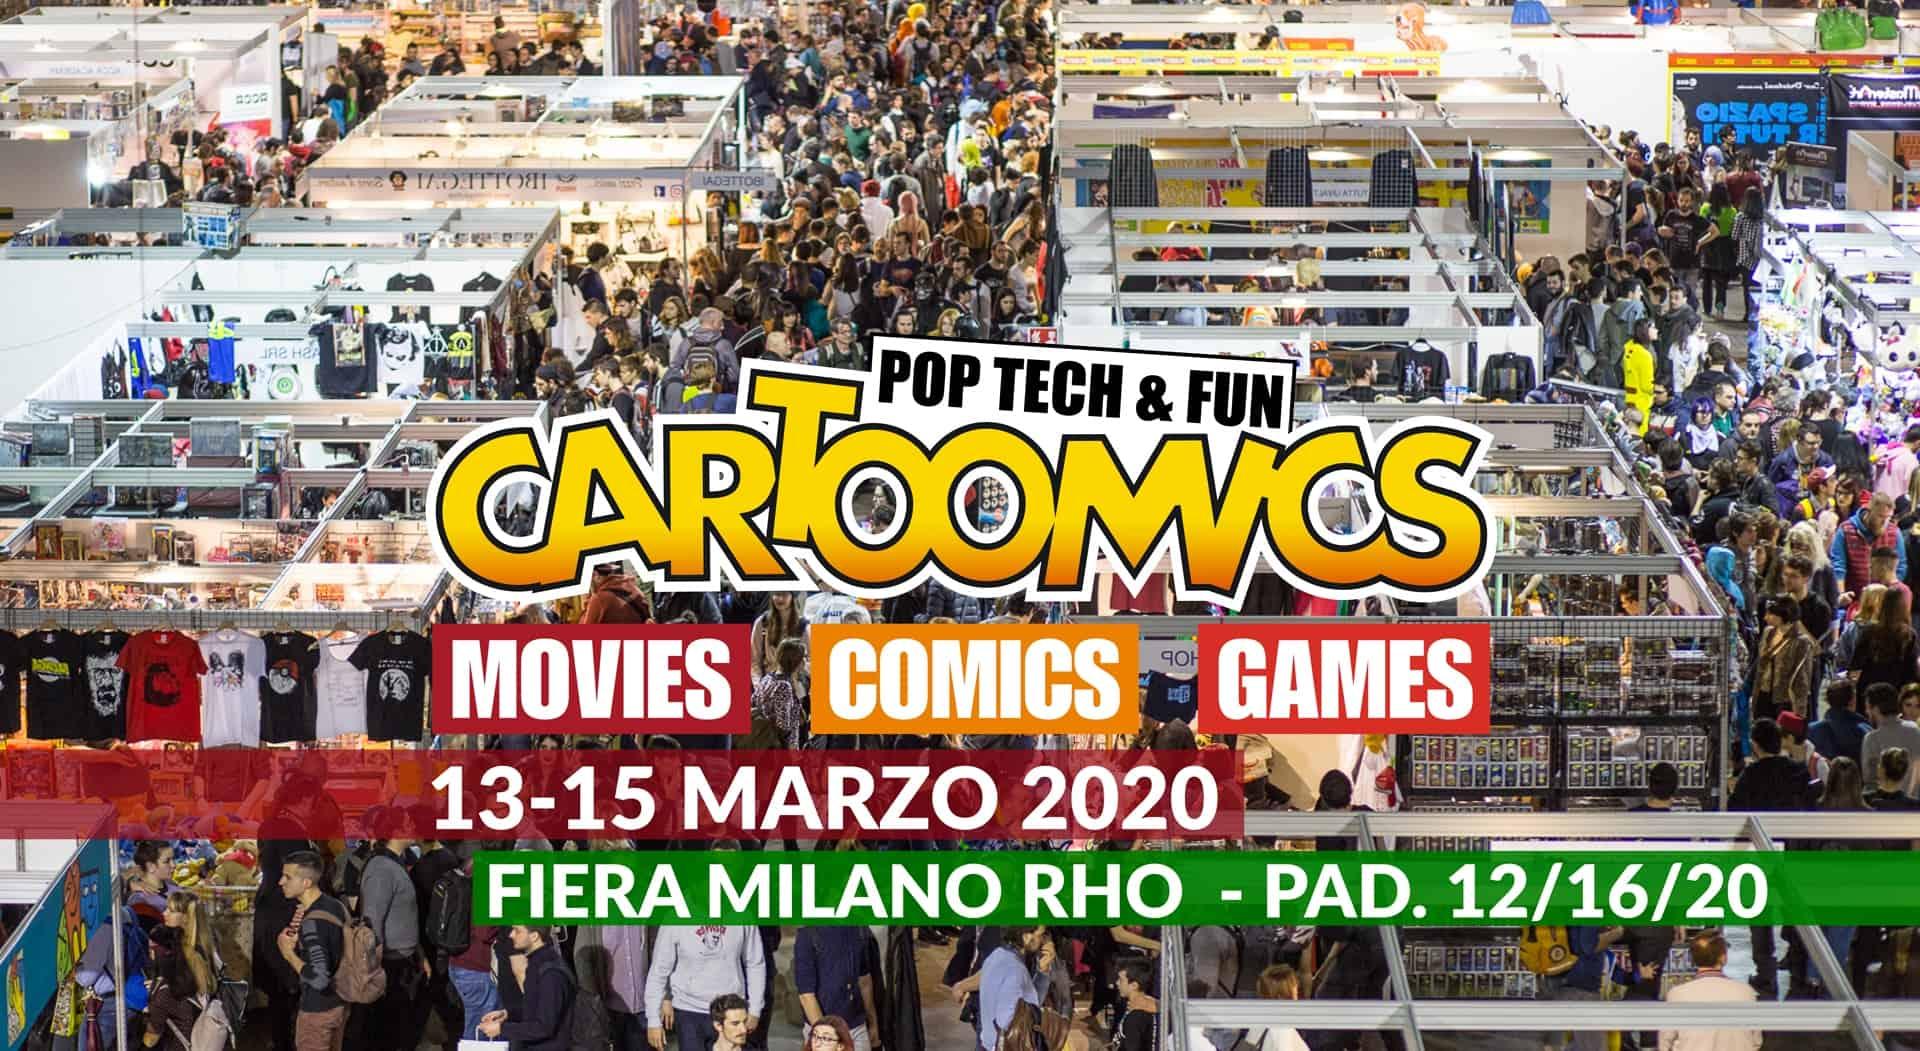 Cartoomics – la fiera milanese del fumetto